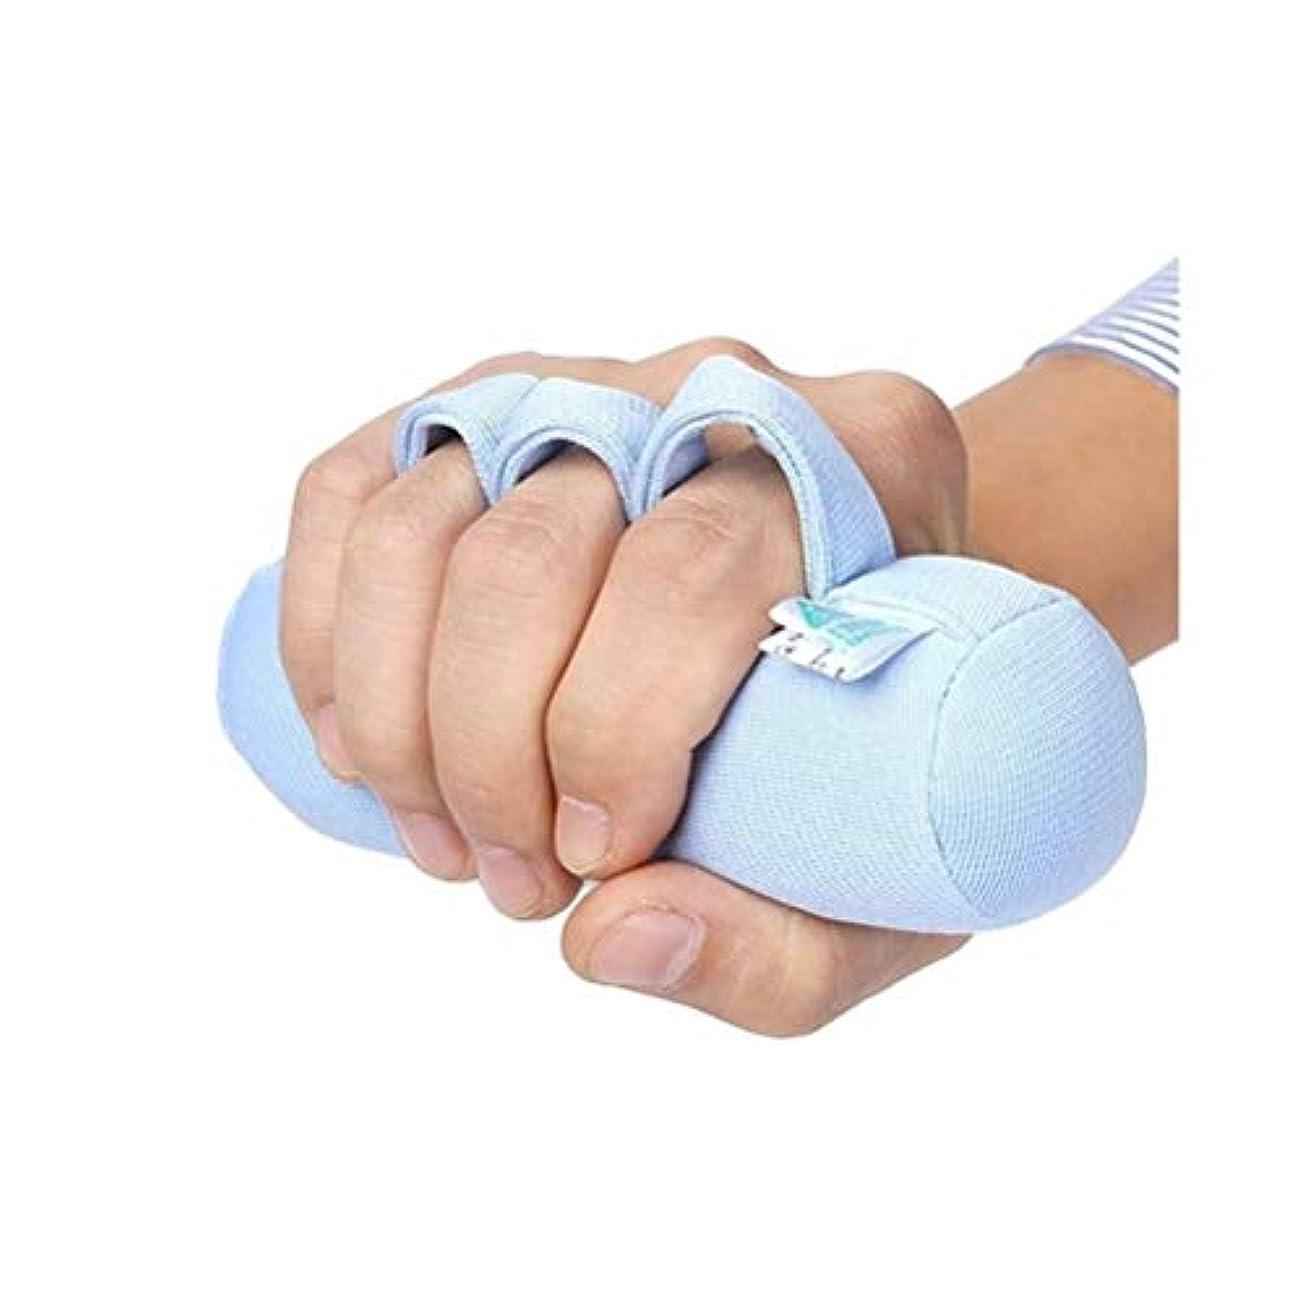 旅行者首相キロメートル指セパレーターパームプロテクター、手拘縮装具、ソフトパームクッションのために、指セパレーターはベッドのためにくる病ハンド高齢者ケアを化膿指拘縮クッション防止の指は指セパレーションフィット右または左の手を傷